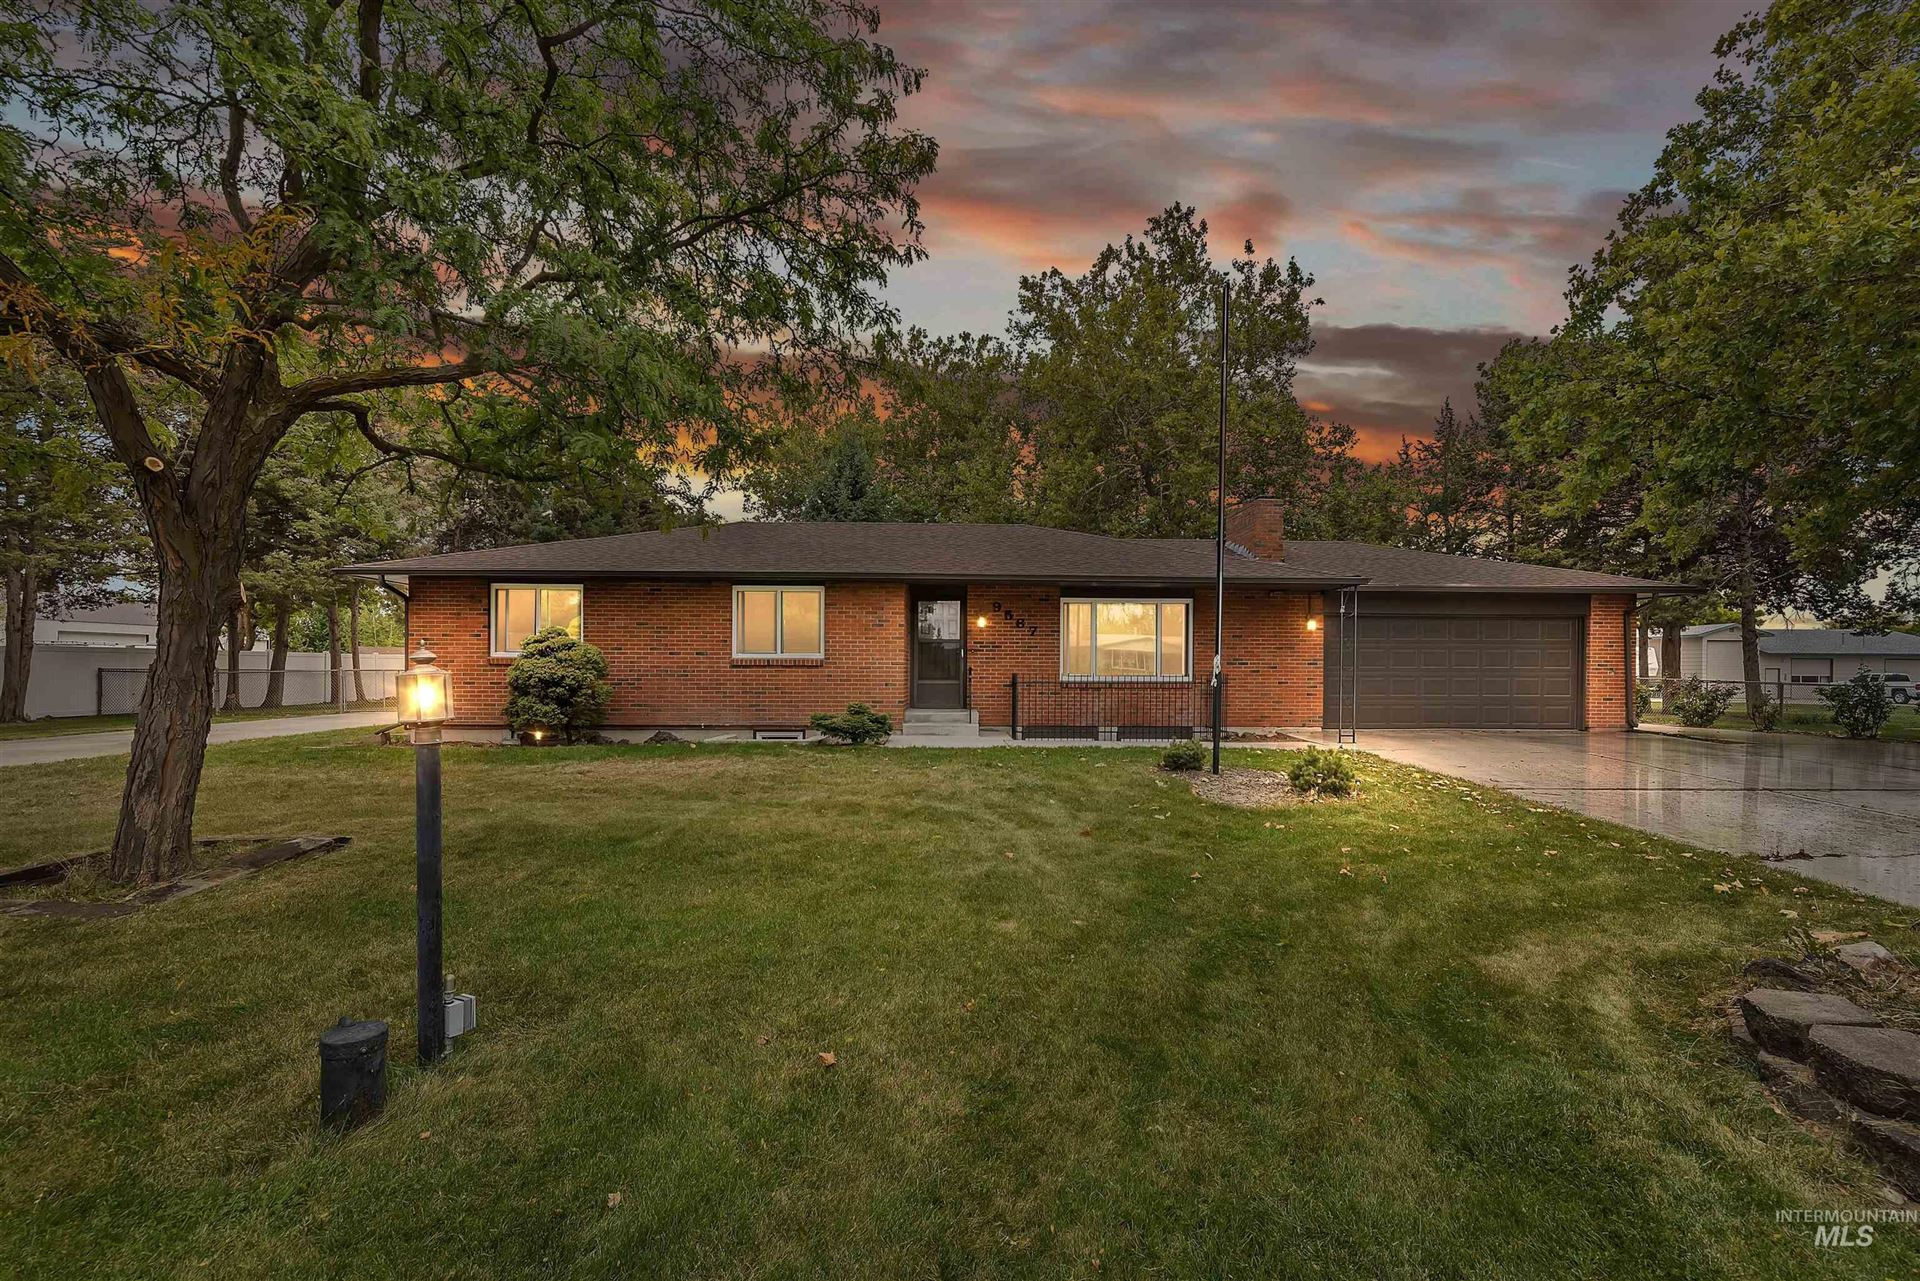 9567 W Hackamore, Boise, ID 83709 - MLS#: 98822225